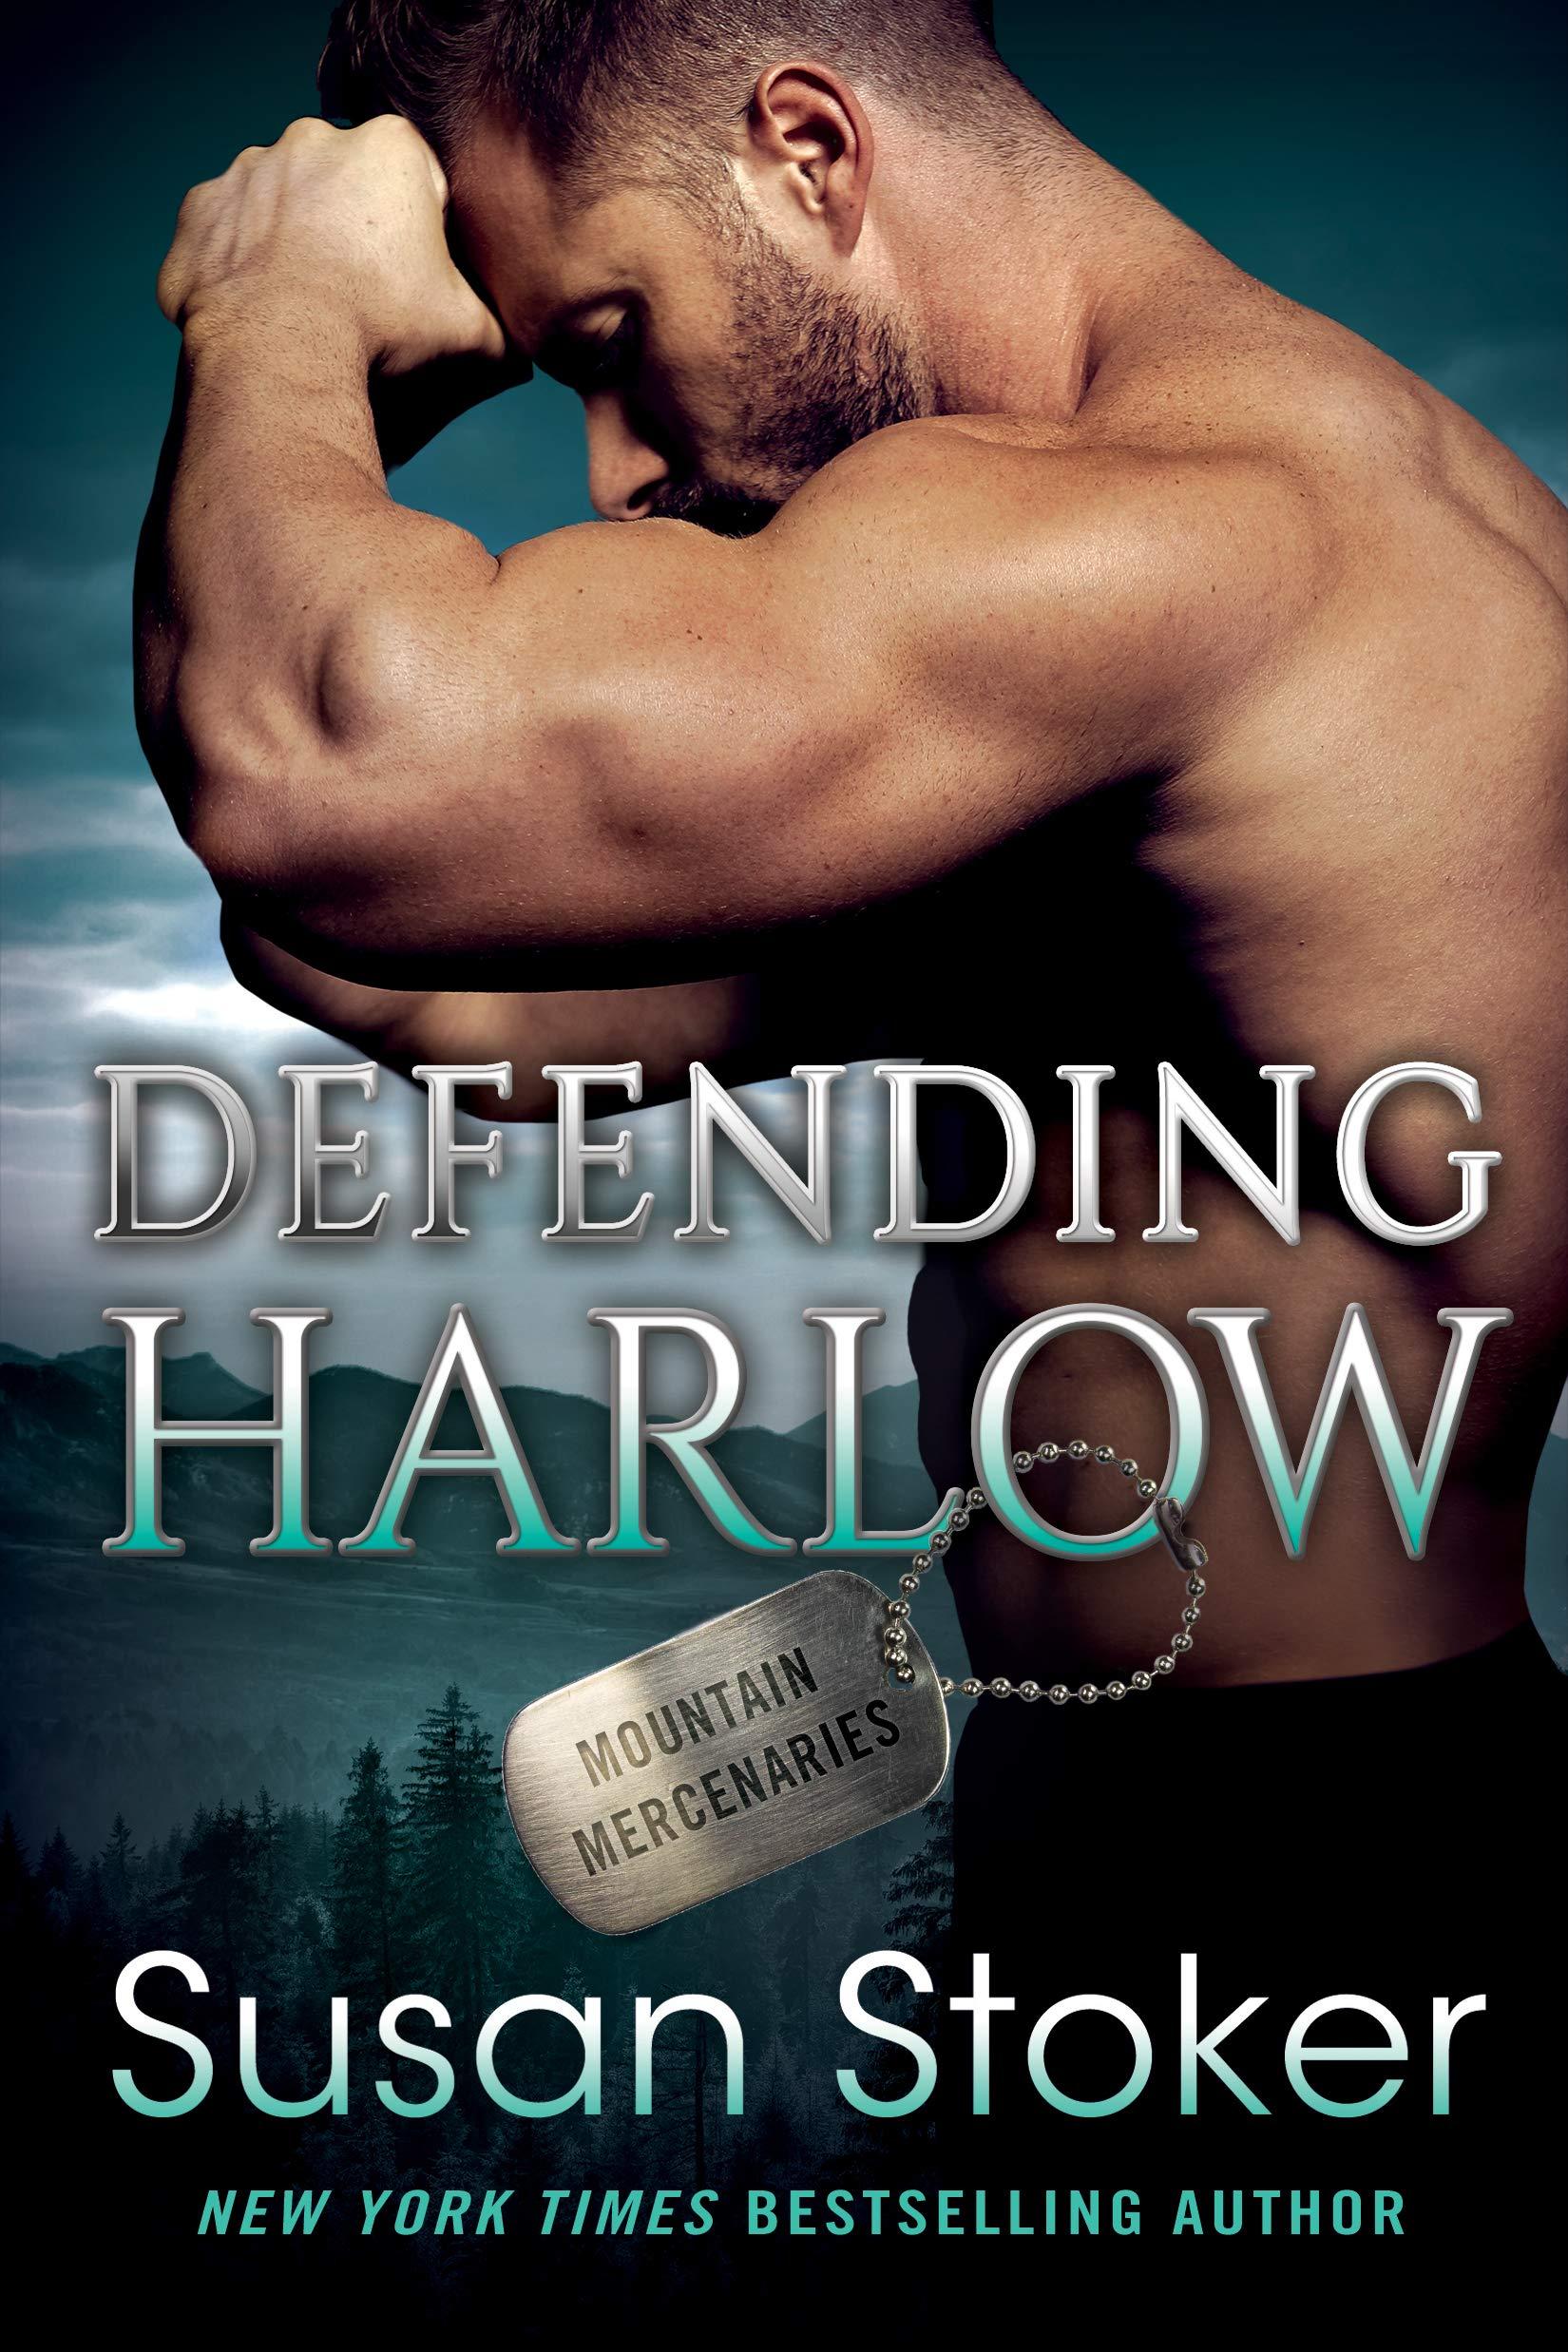 Defending Harlow (Mountain Mercenaries Book 4)